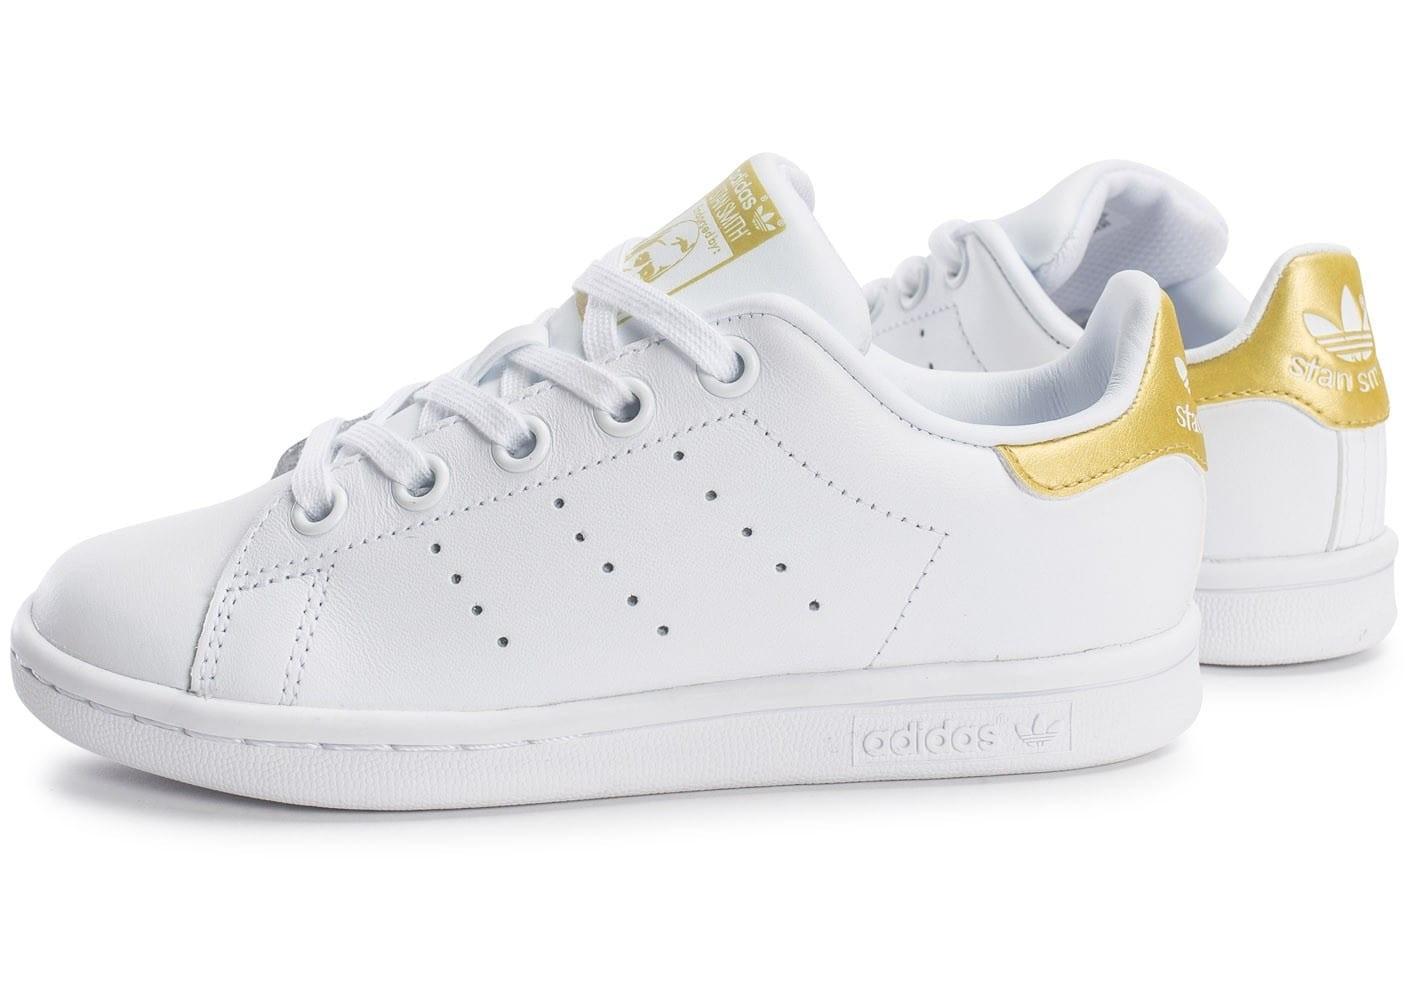 adidas stan smith taille 35 une vente de liquidation de prix